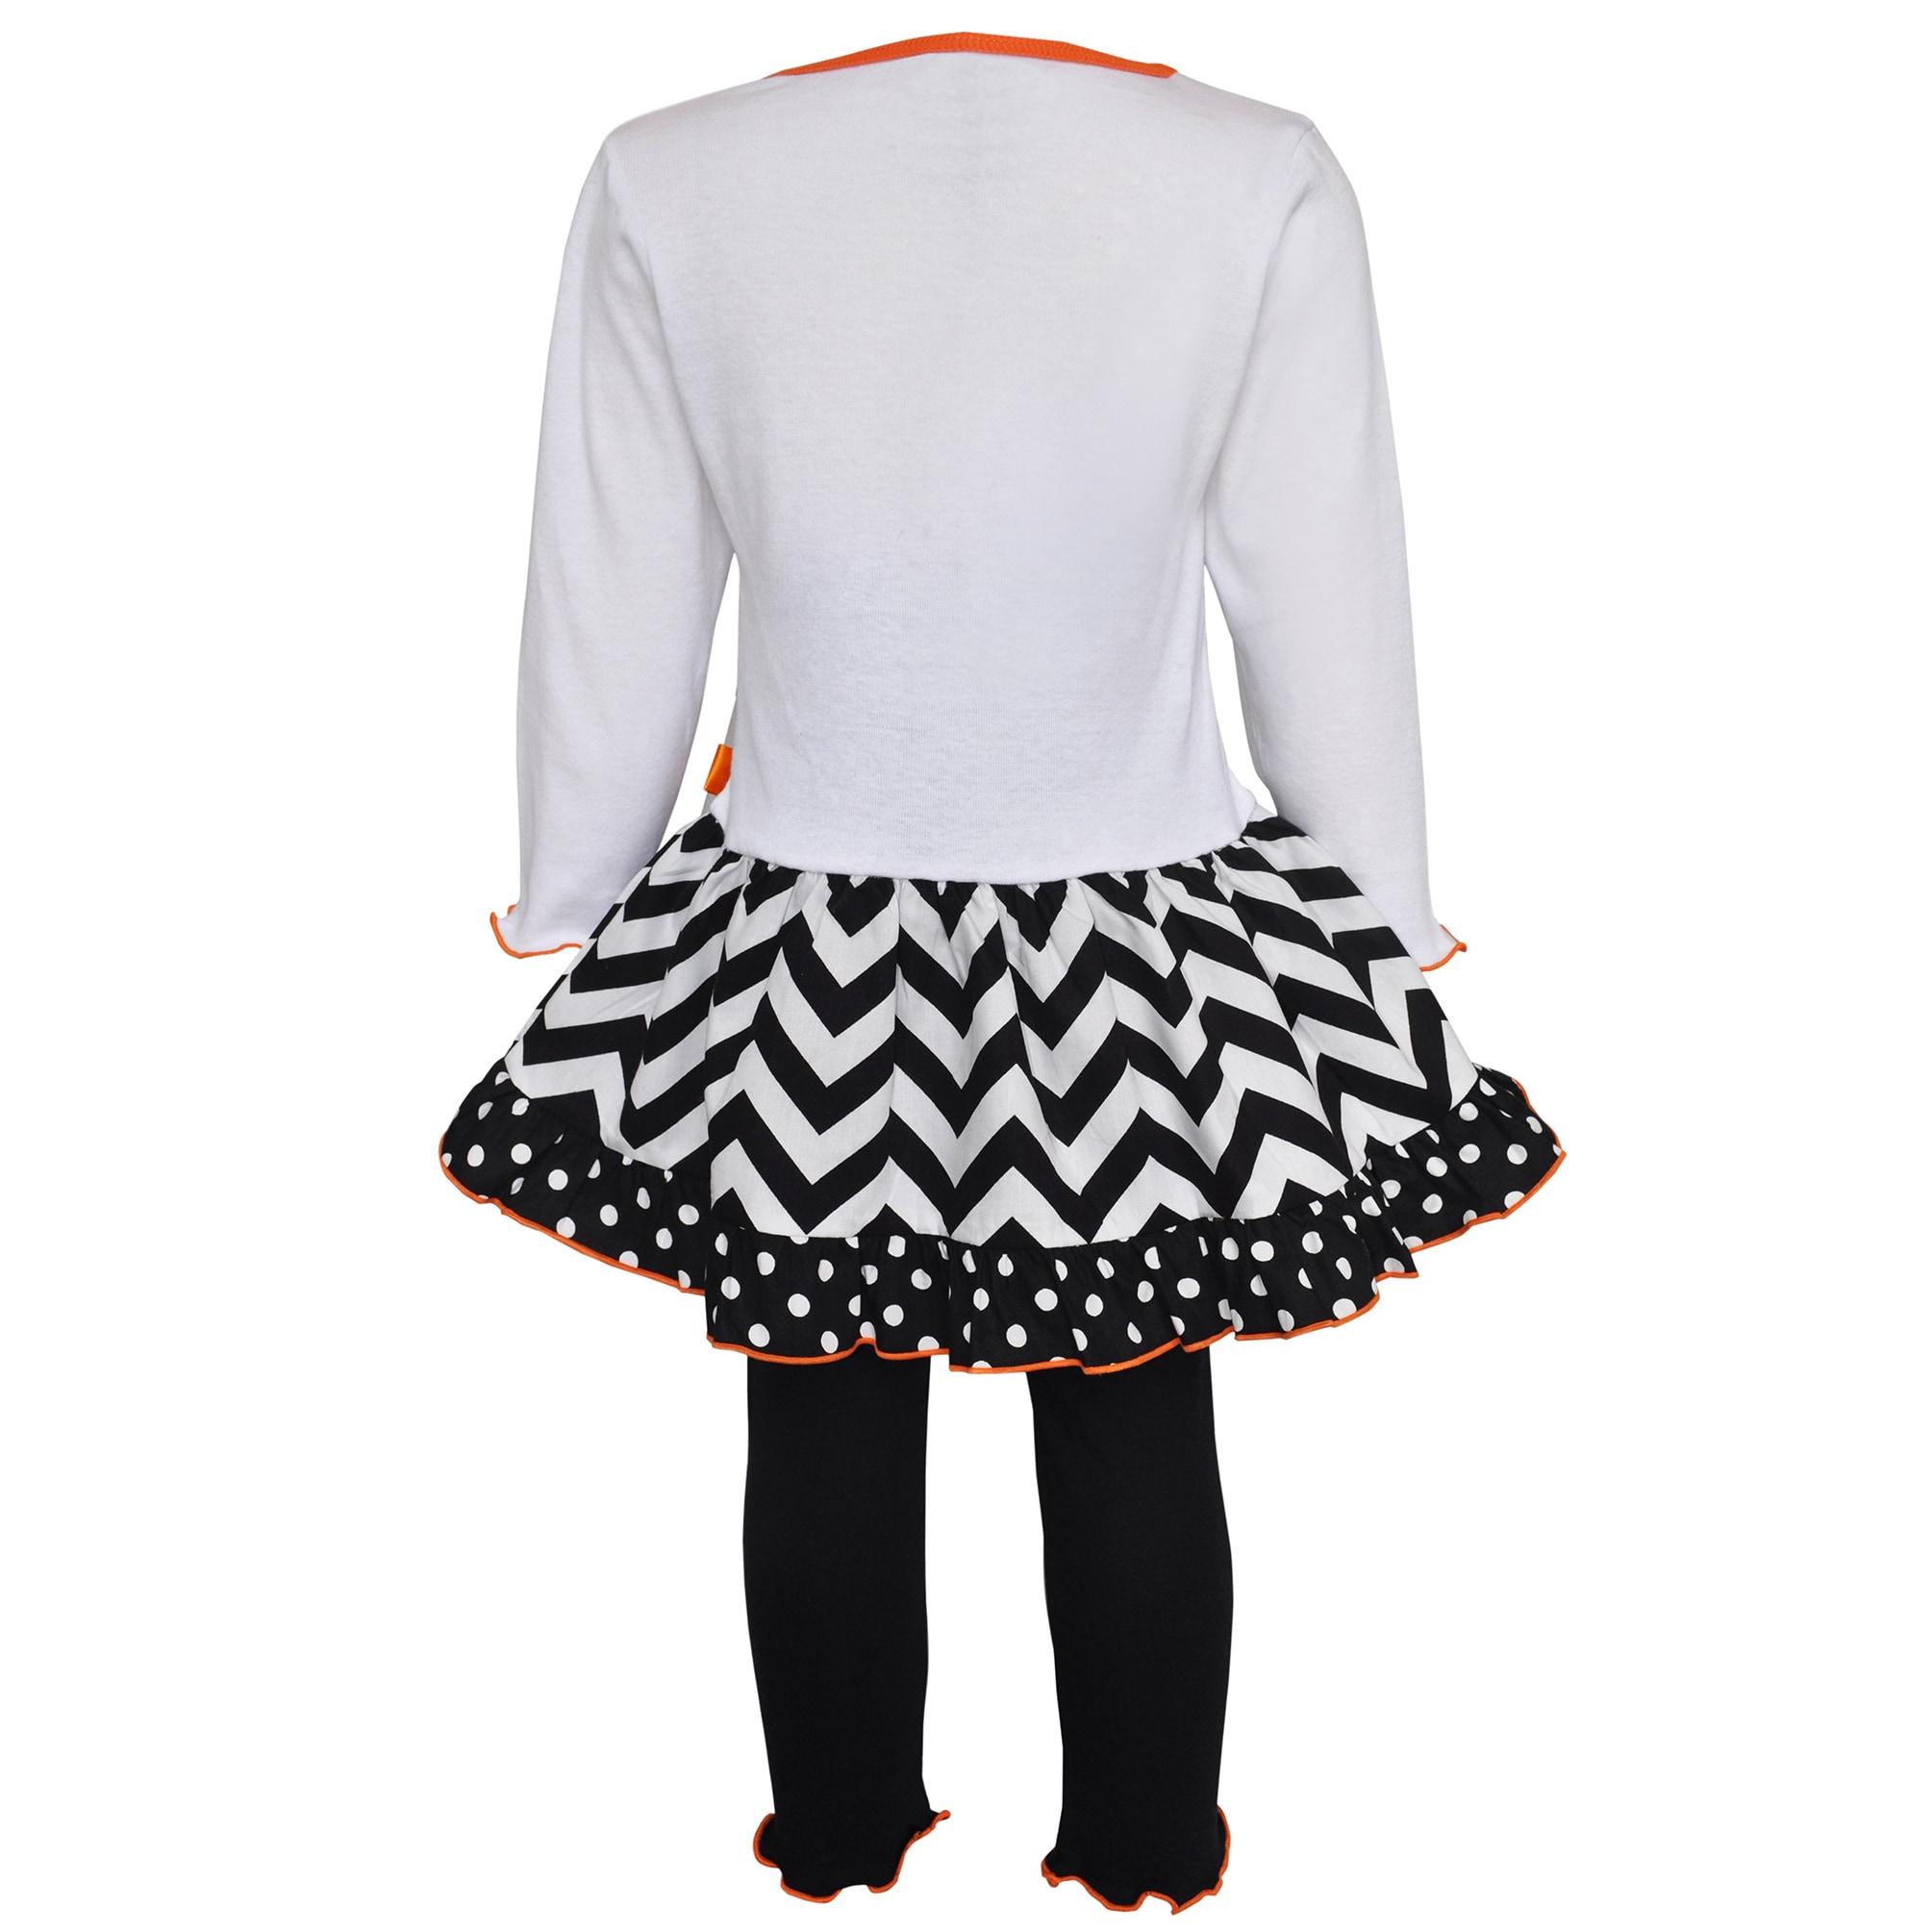 AnnLoren AnnLoren Girls' Pumpkin and Kitten Knit Dress Se...